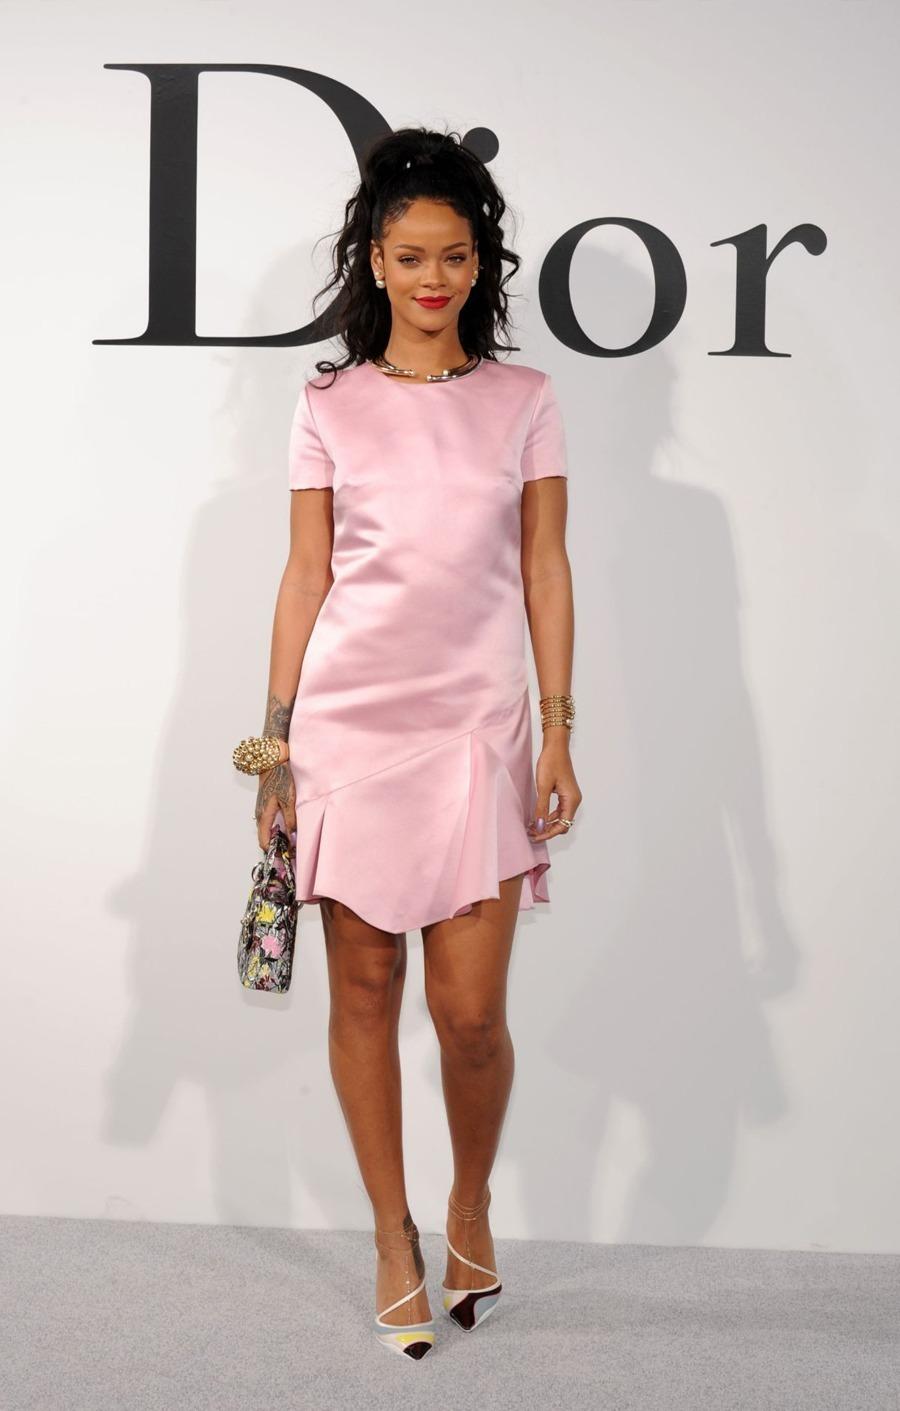 Rihanna-Dior-II